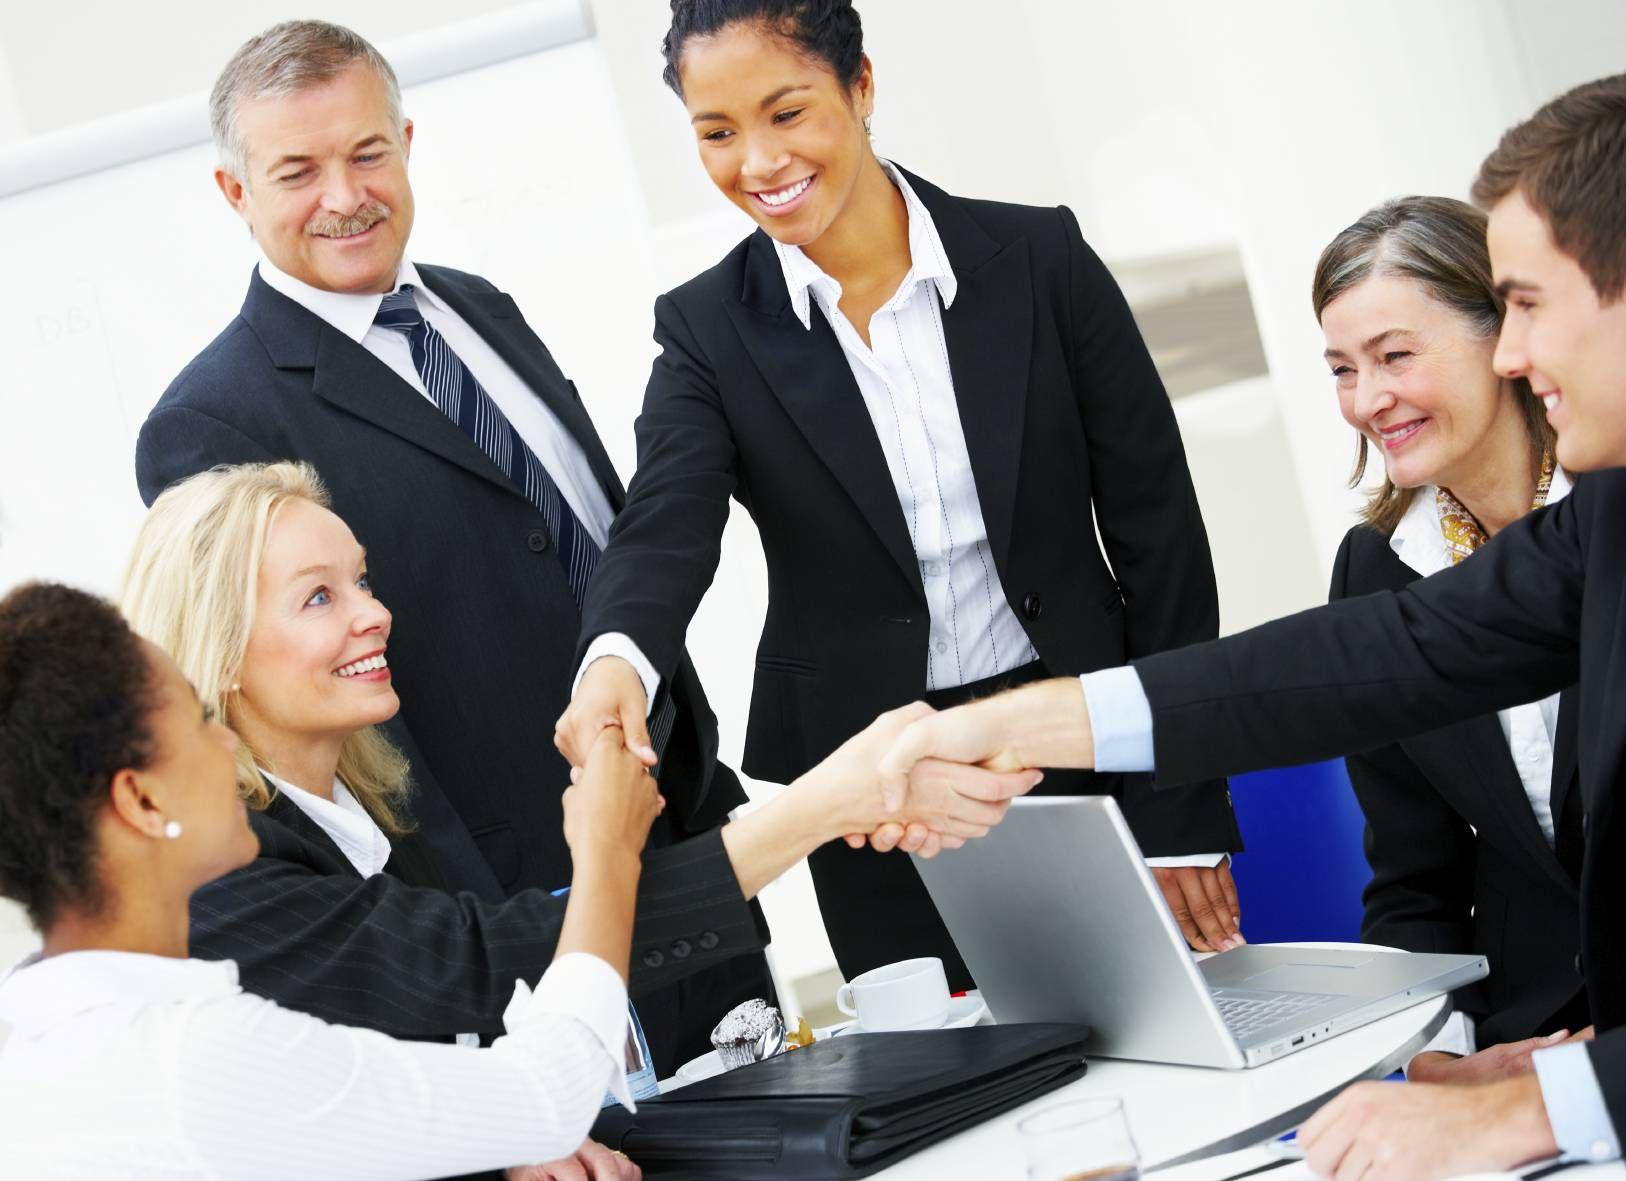 Ứng viên nên tìm việc làm phổ thông nào để có thu nhập cao